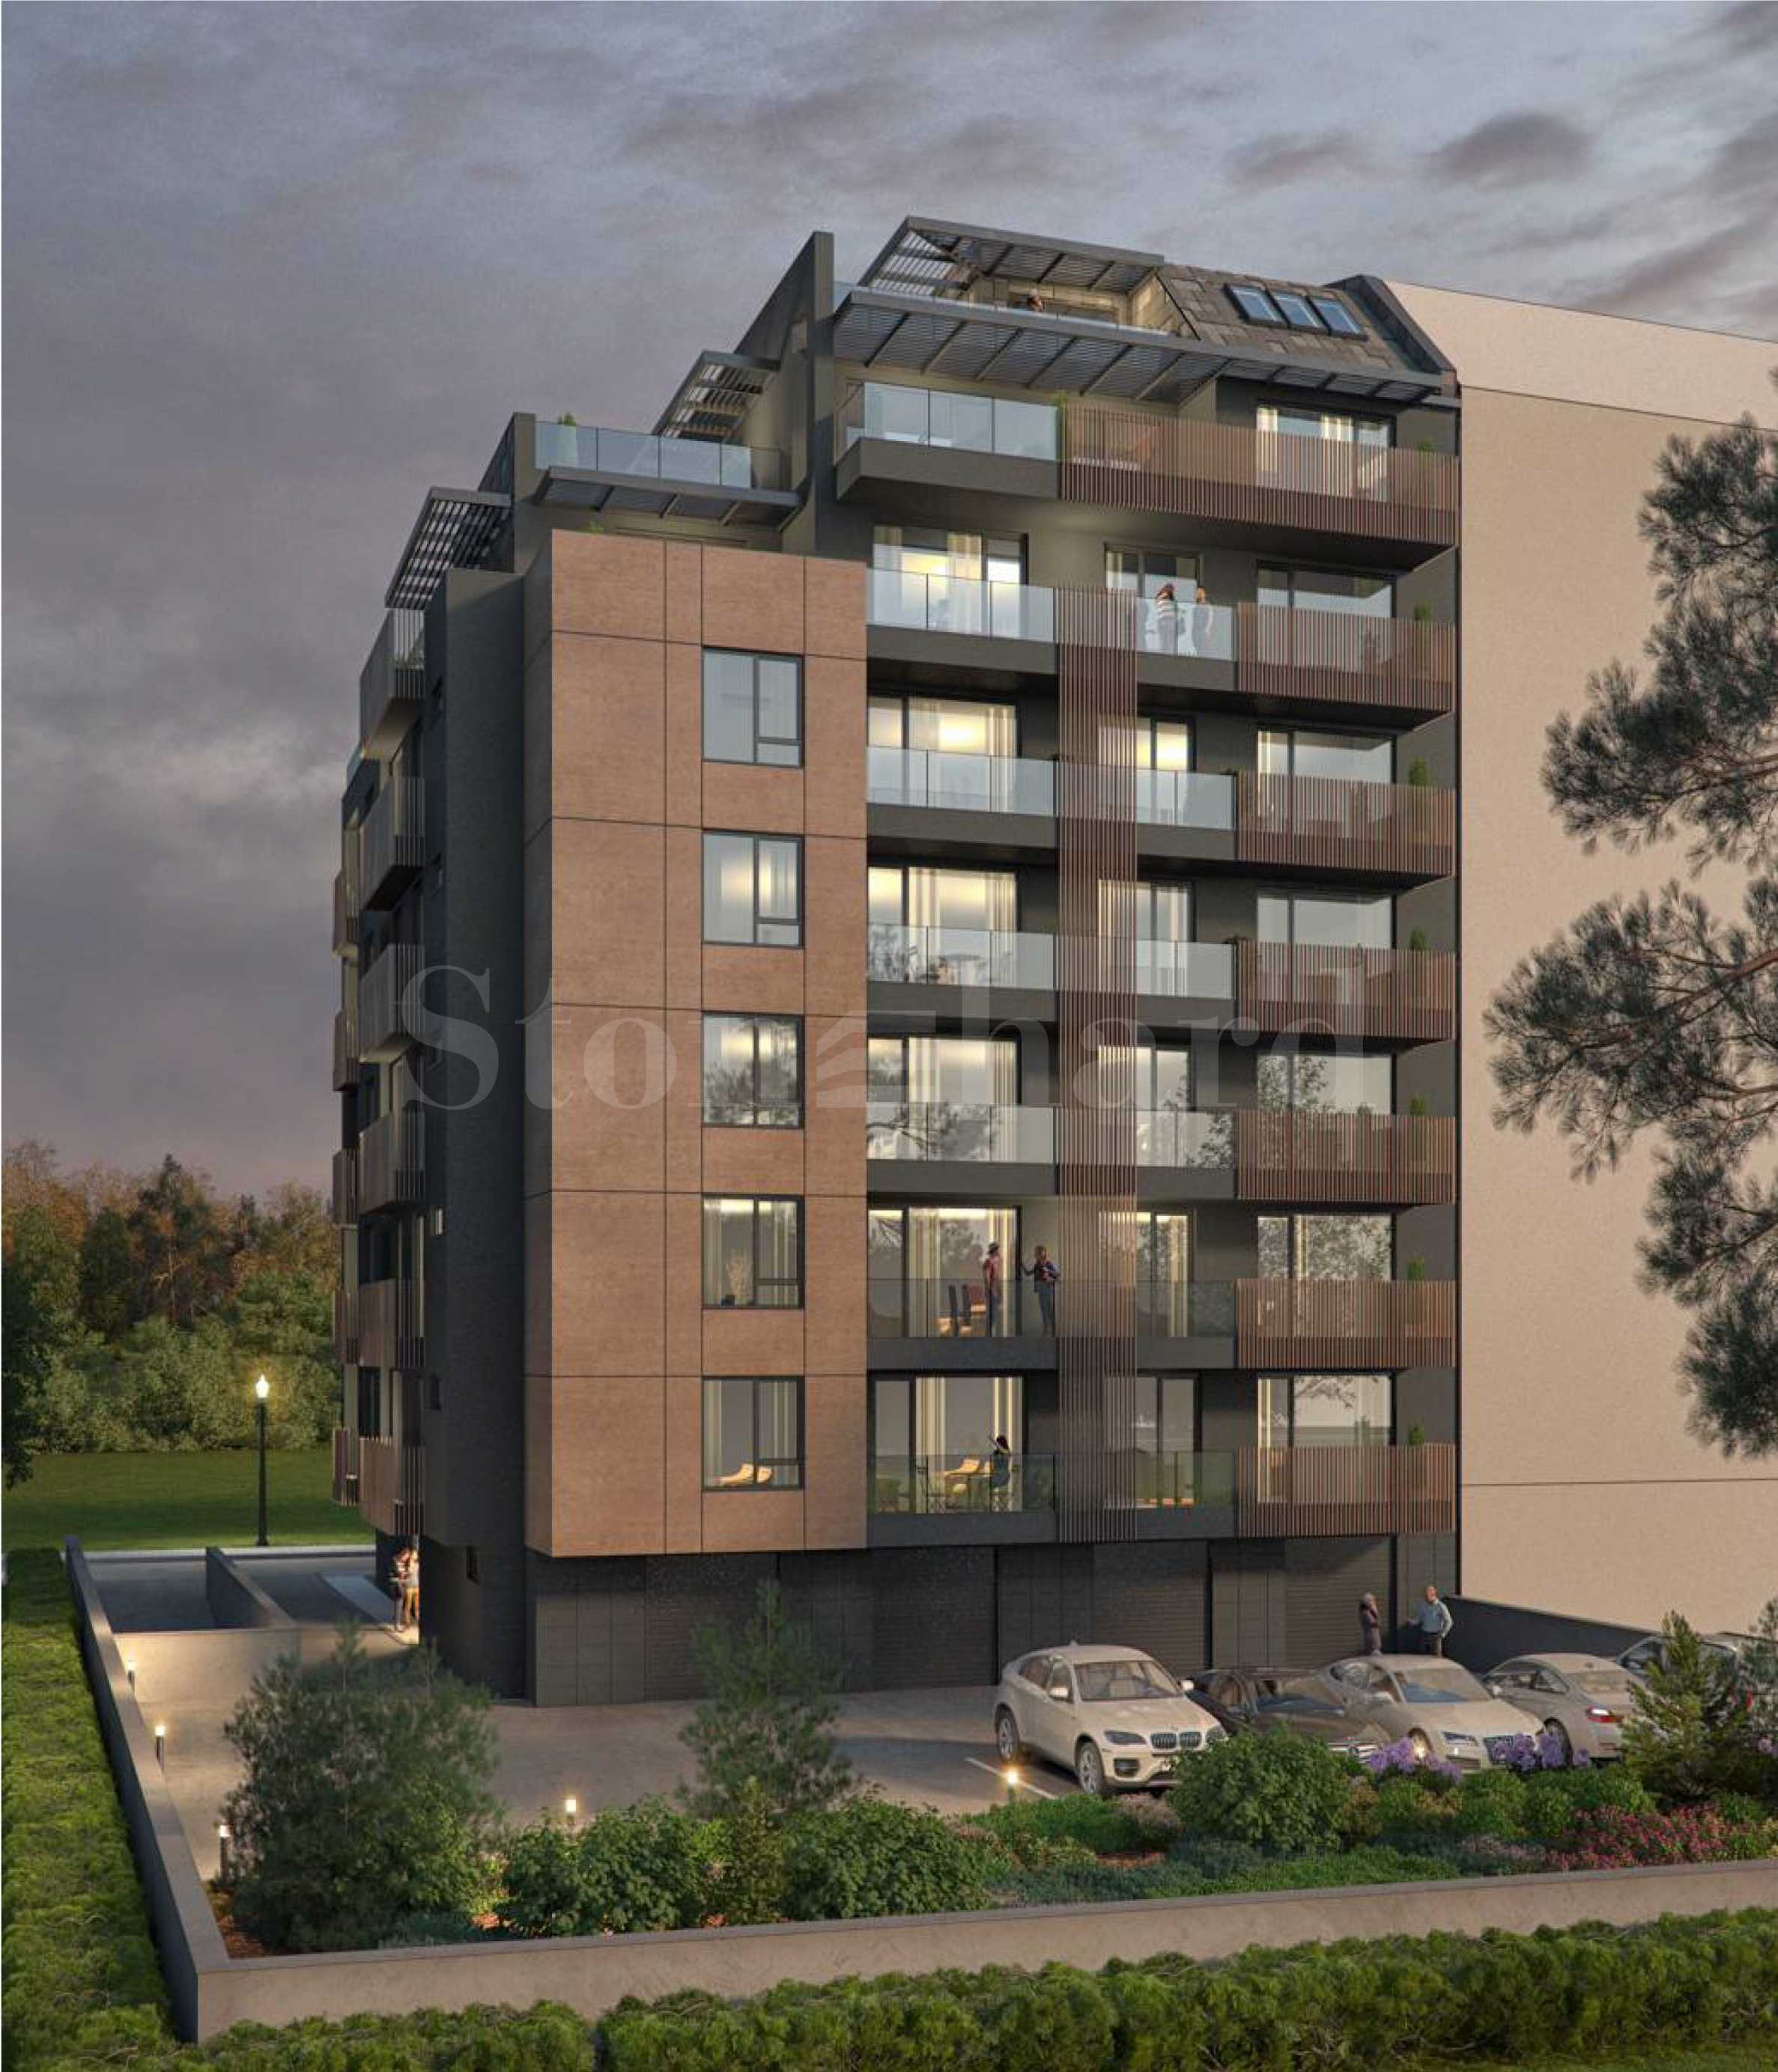 Новострояща се, девететажна жилищна сграда в престижния южен квартал